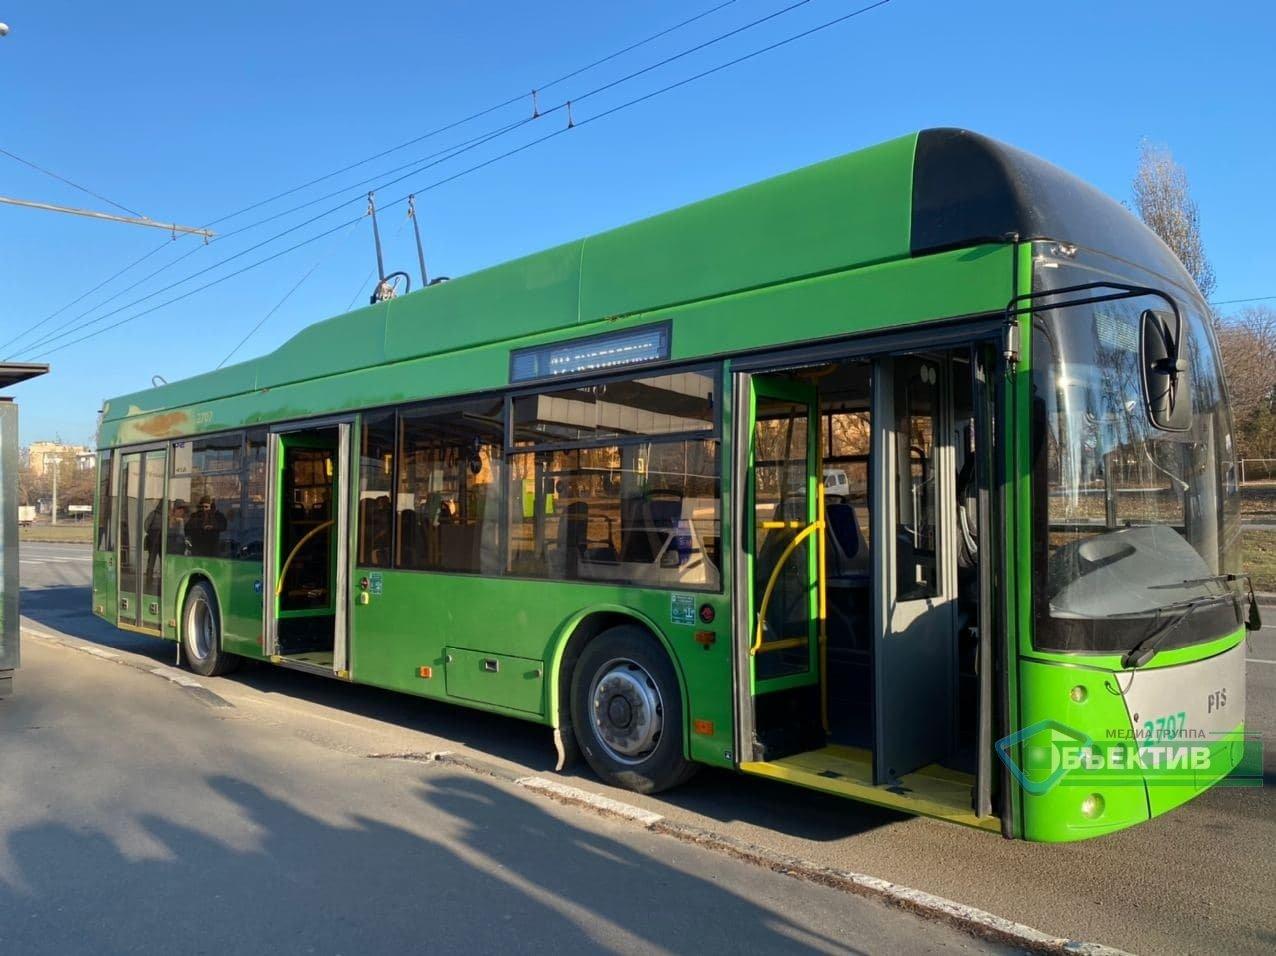 Жители Жихора теперь могут доехать в центр на троллейбусе (фото)